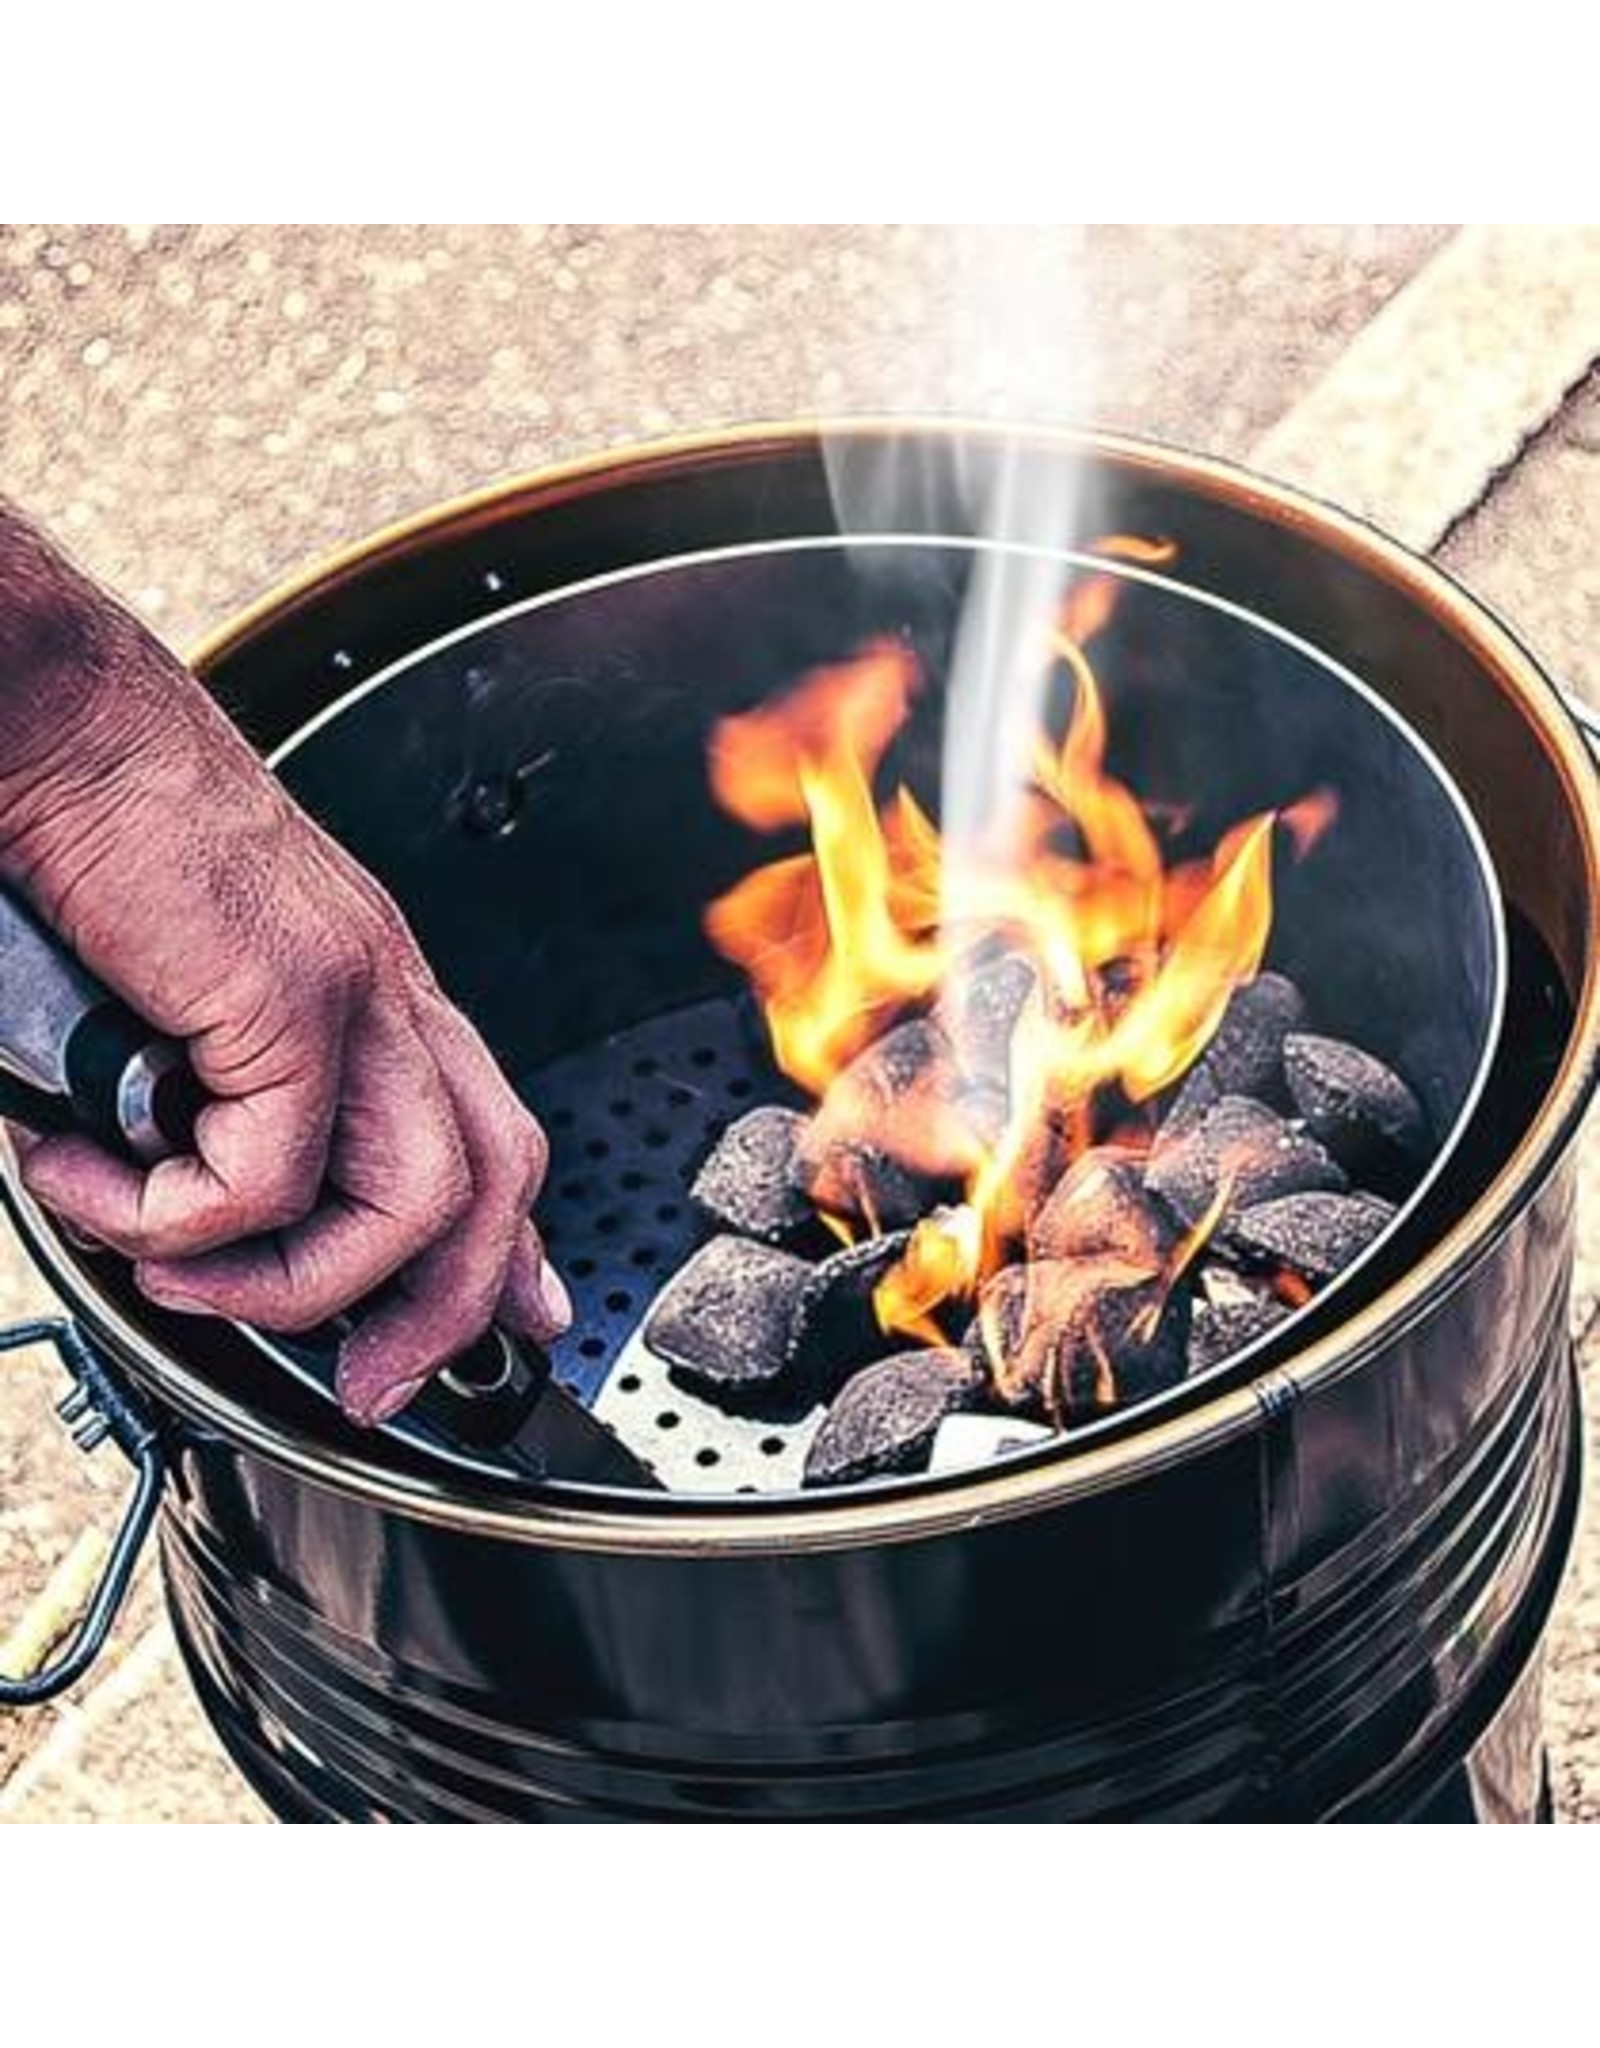 BarrelQ BarrelQ Small Notorius zwart Barbecue, vuurkorf en statafel in één inclusief hoes